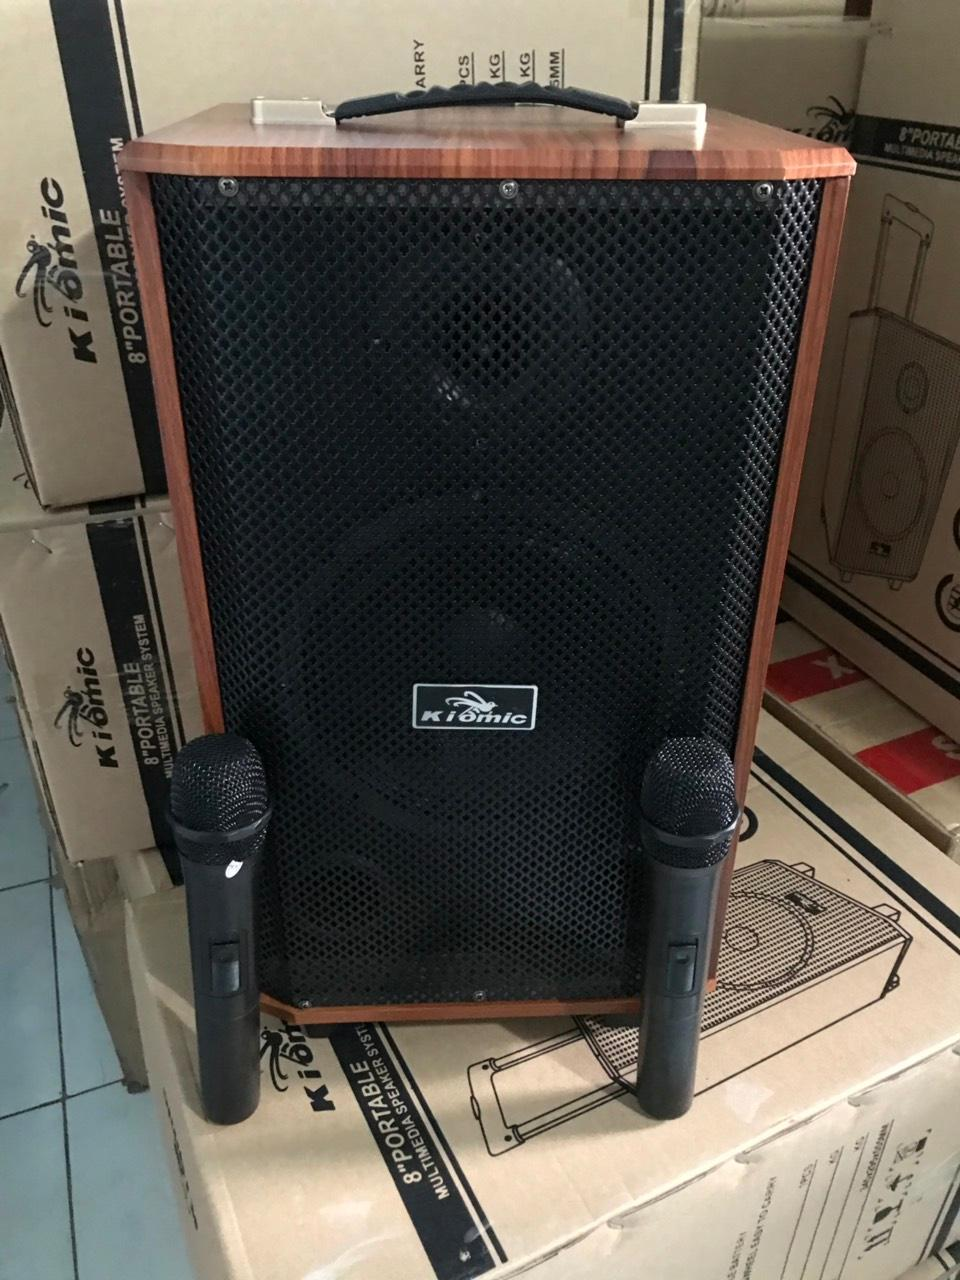 loa vali kẹo kéo karaoke bluetooth temeisheng k88 kèm 2 micro công suất lớn